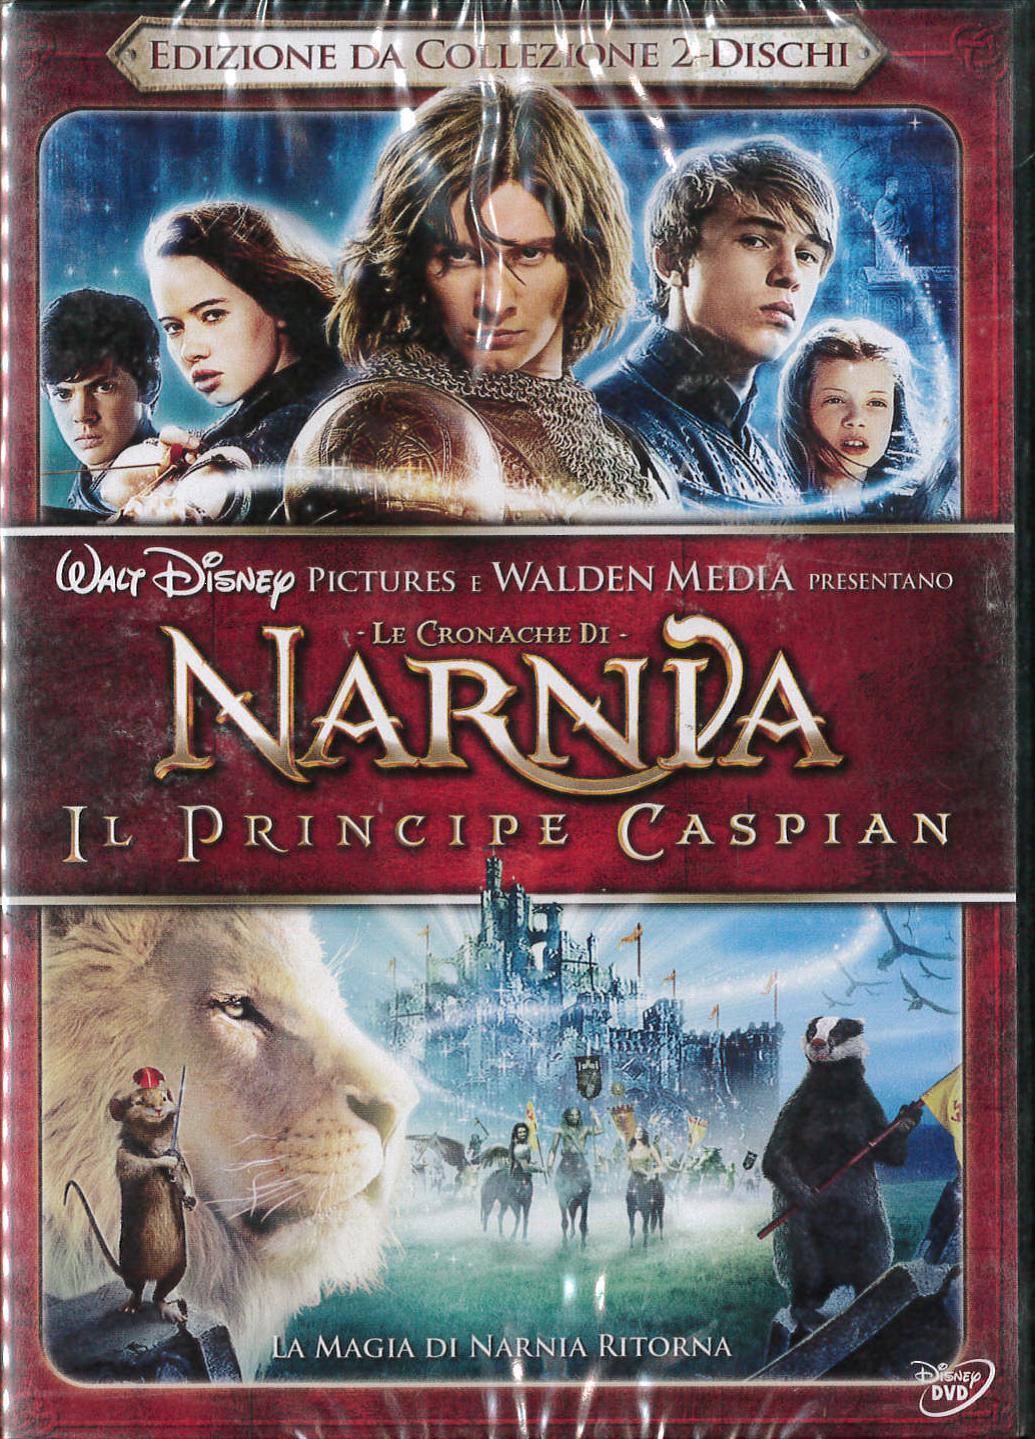 LE CRONACHE DI NARNIA: IL PRINCIPE CASPIAN (2 DVD) (DVD)